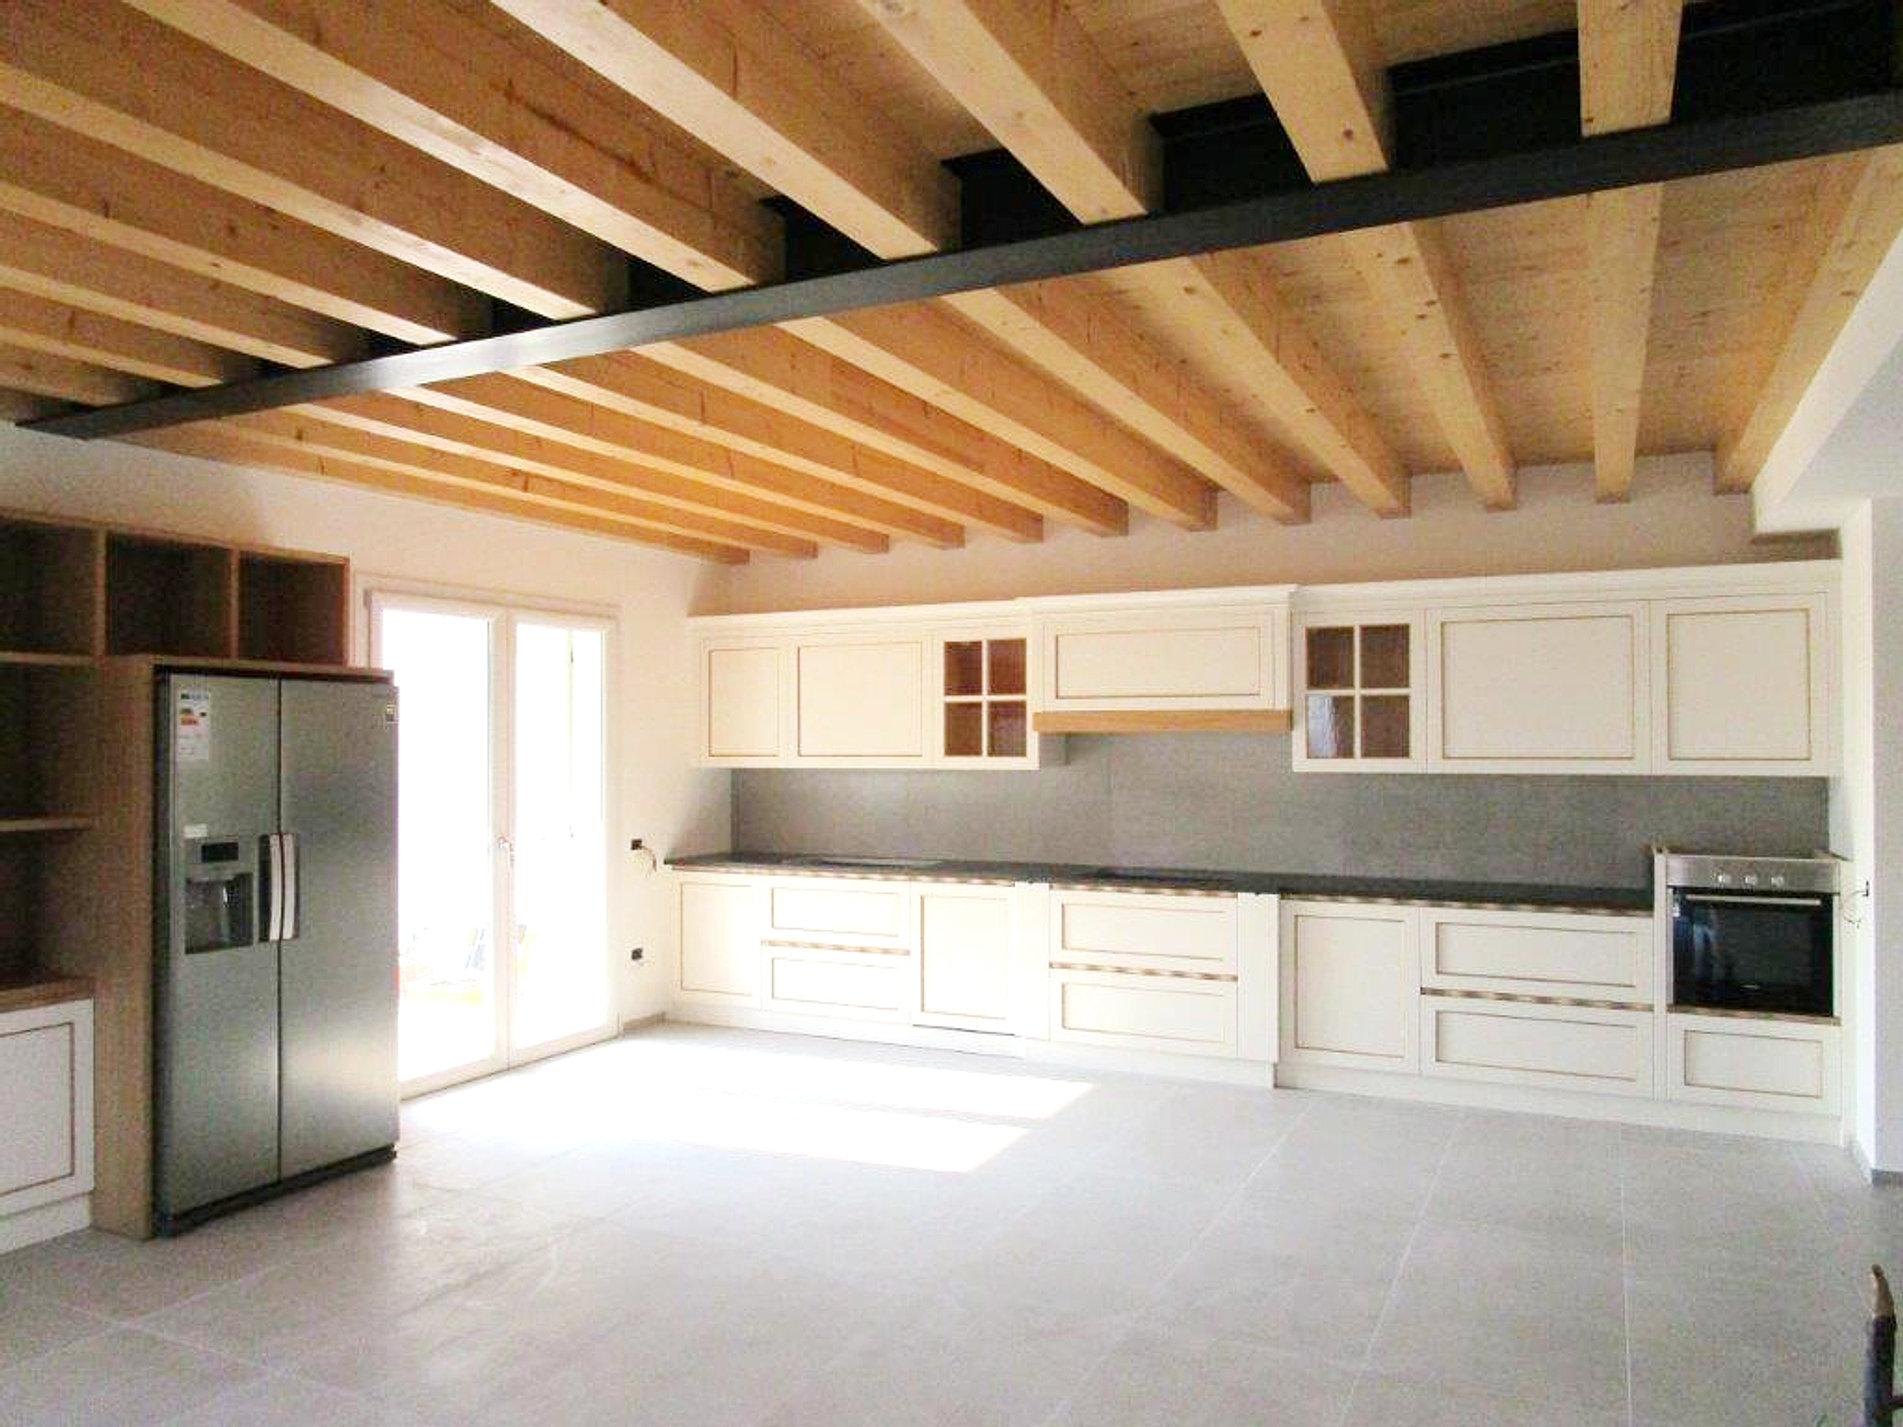 cucina mod eva in legno laccato bianco liscio bordi tinta naturale e top in granito nero